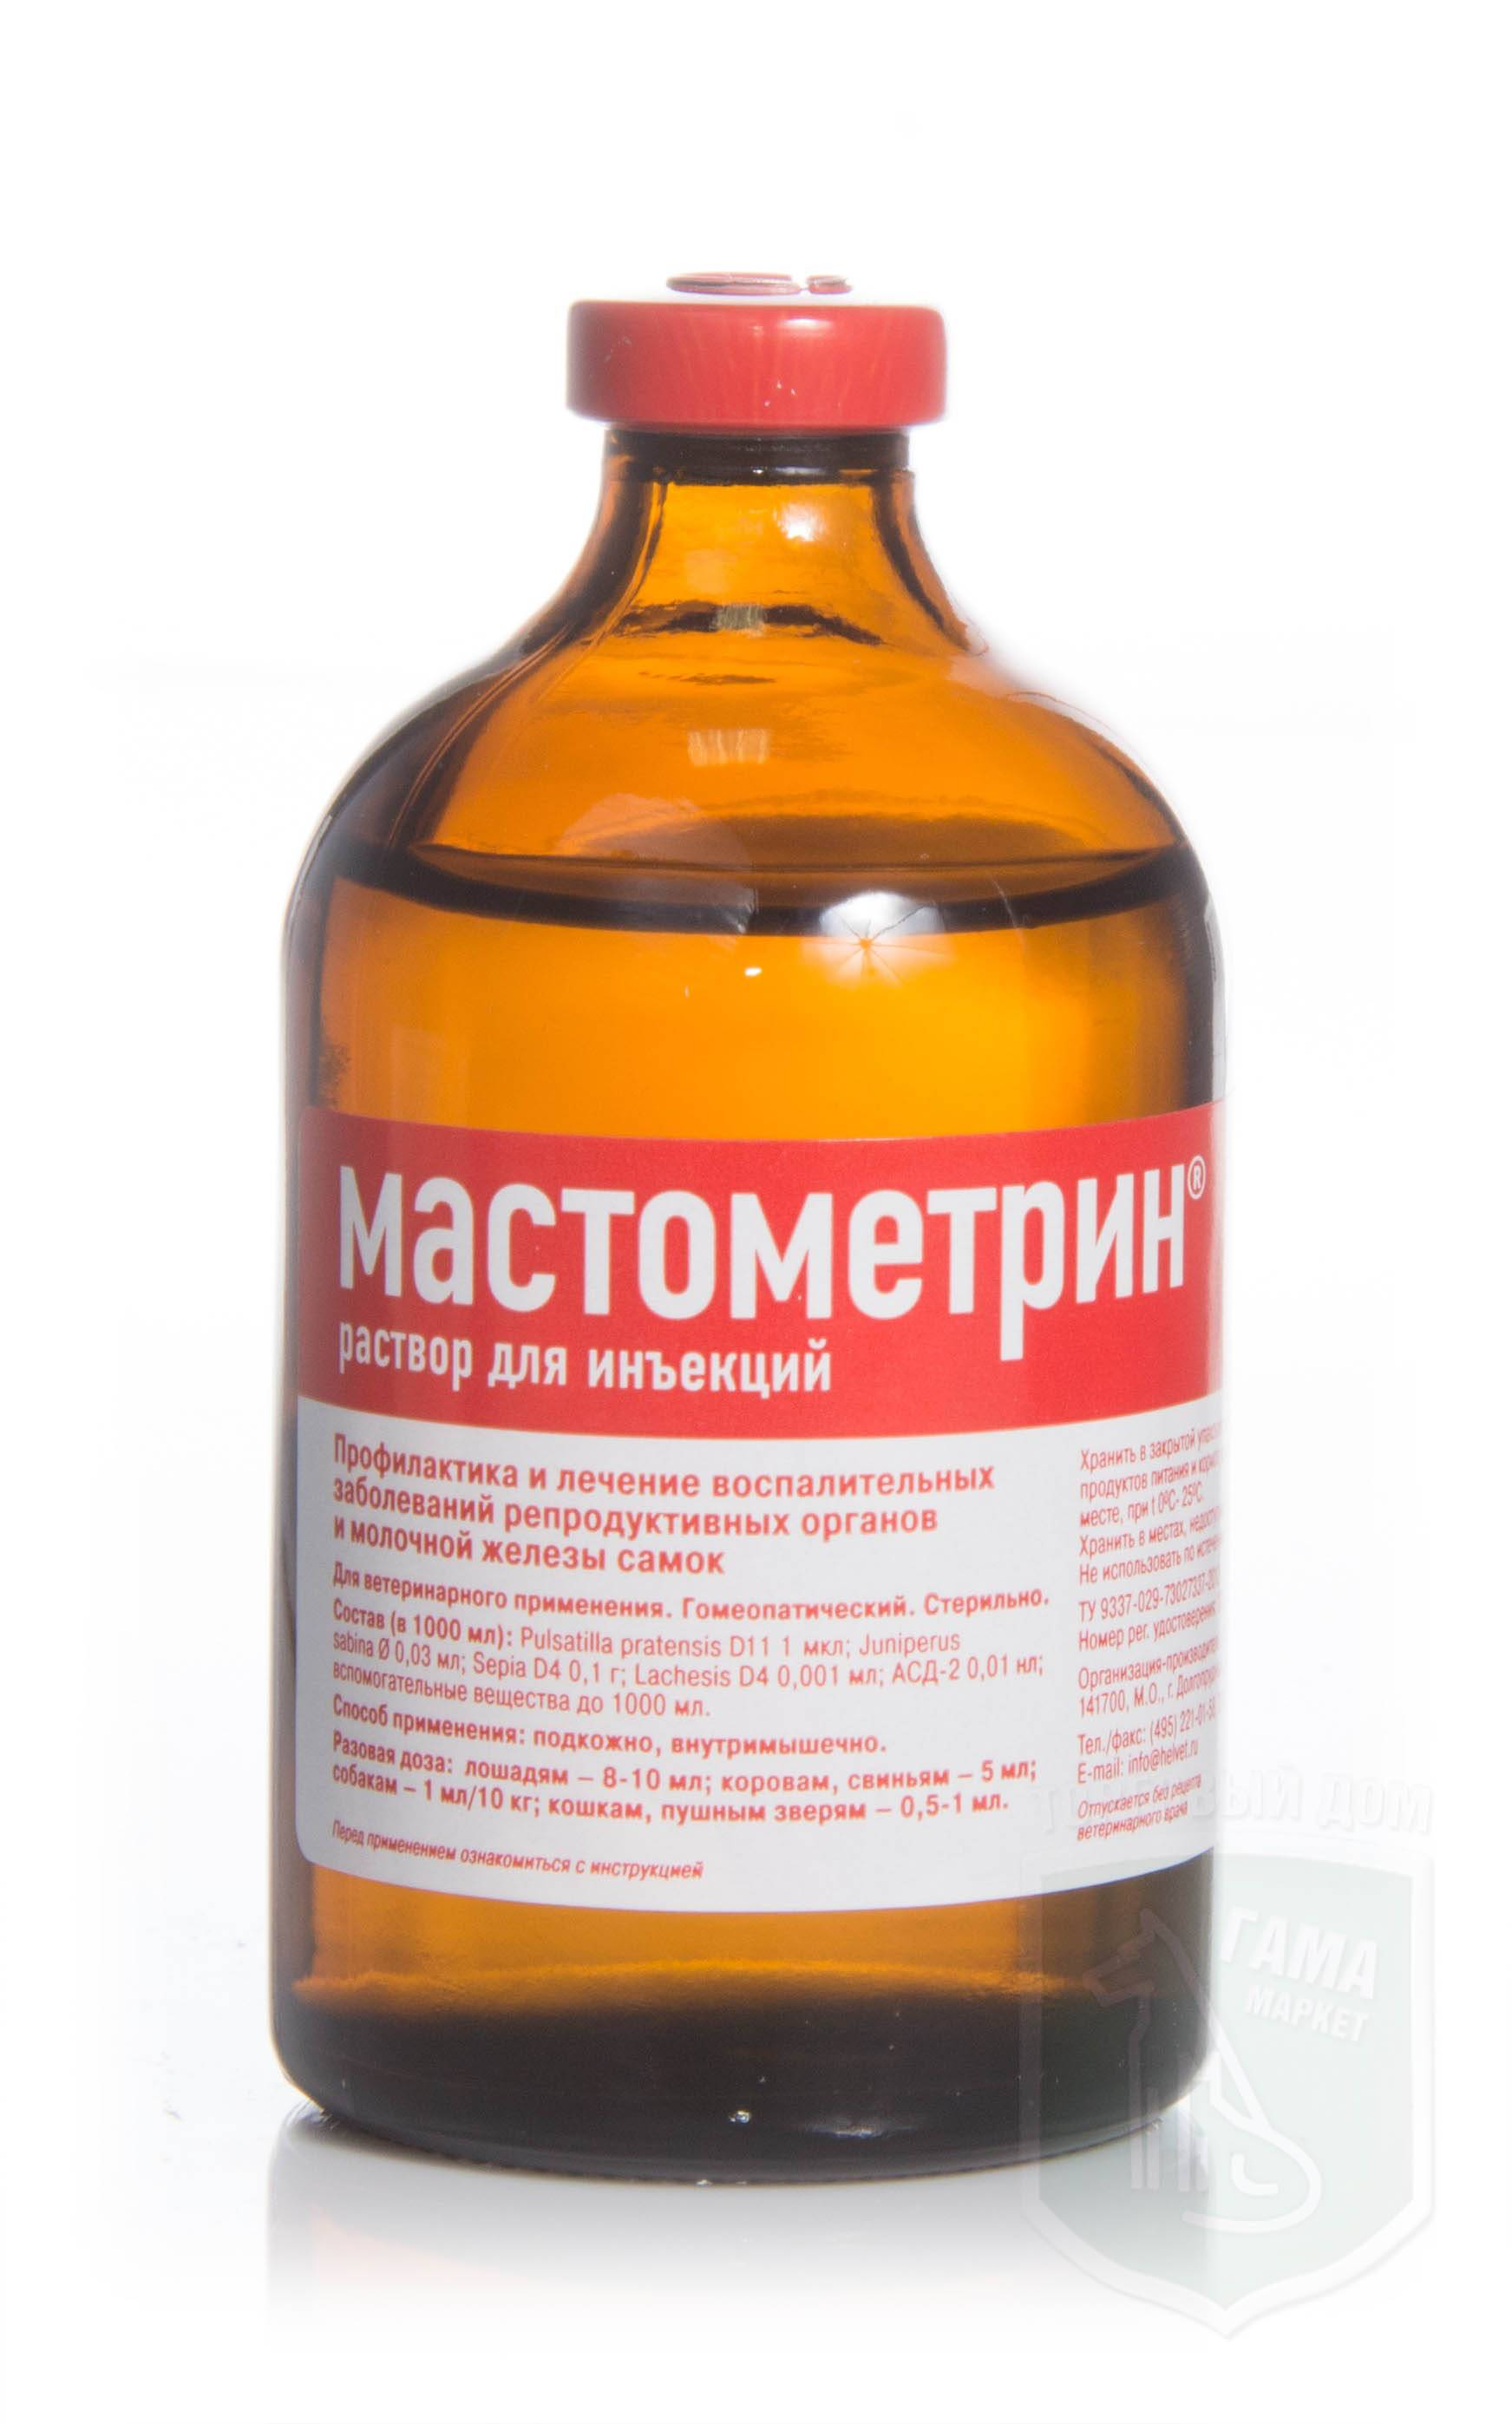 Мастометрин: инструкция по применению в ветеринарии